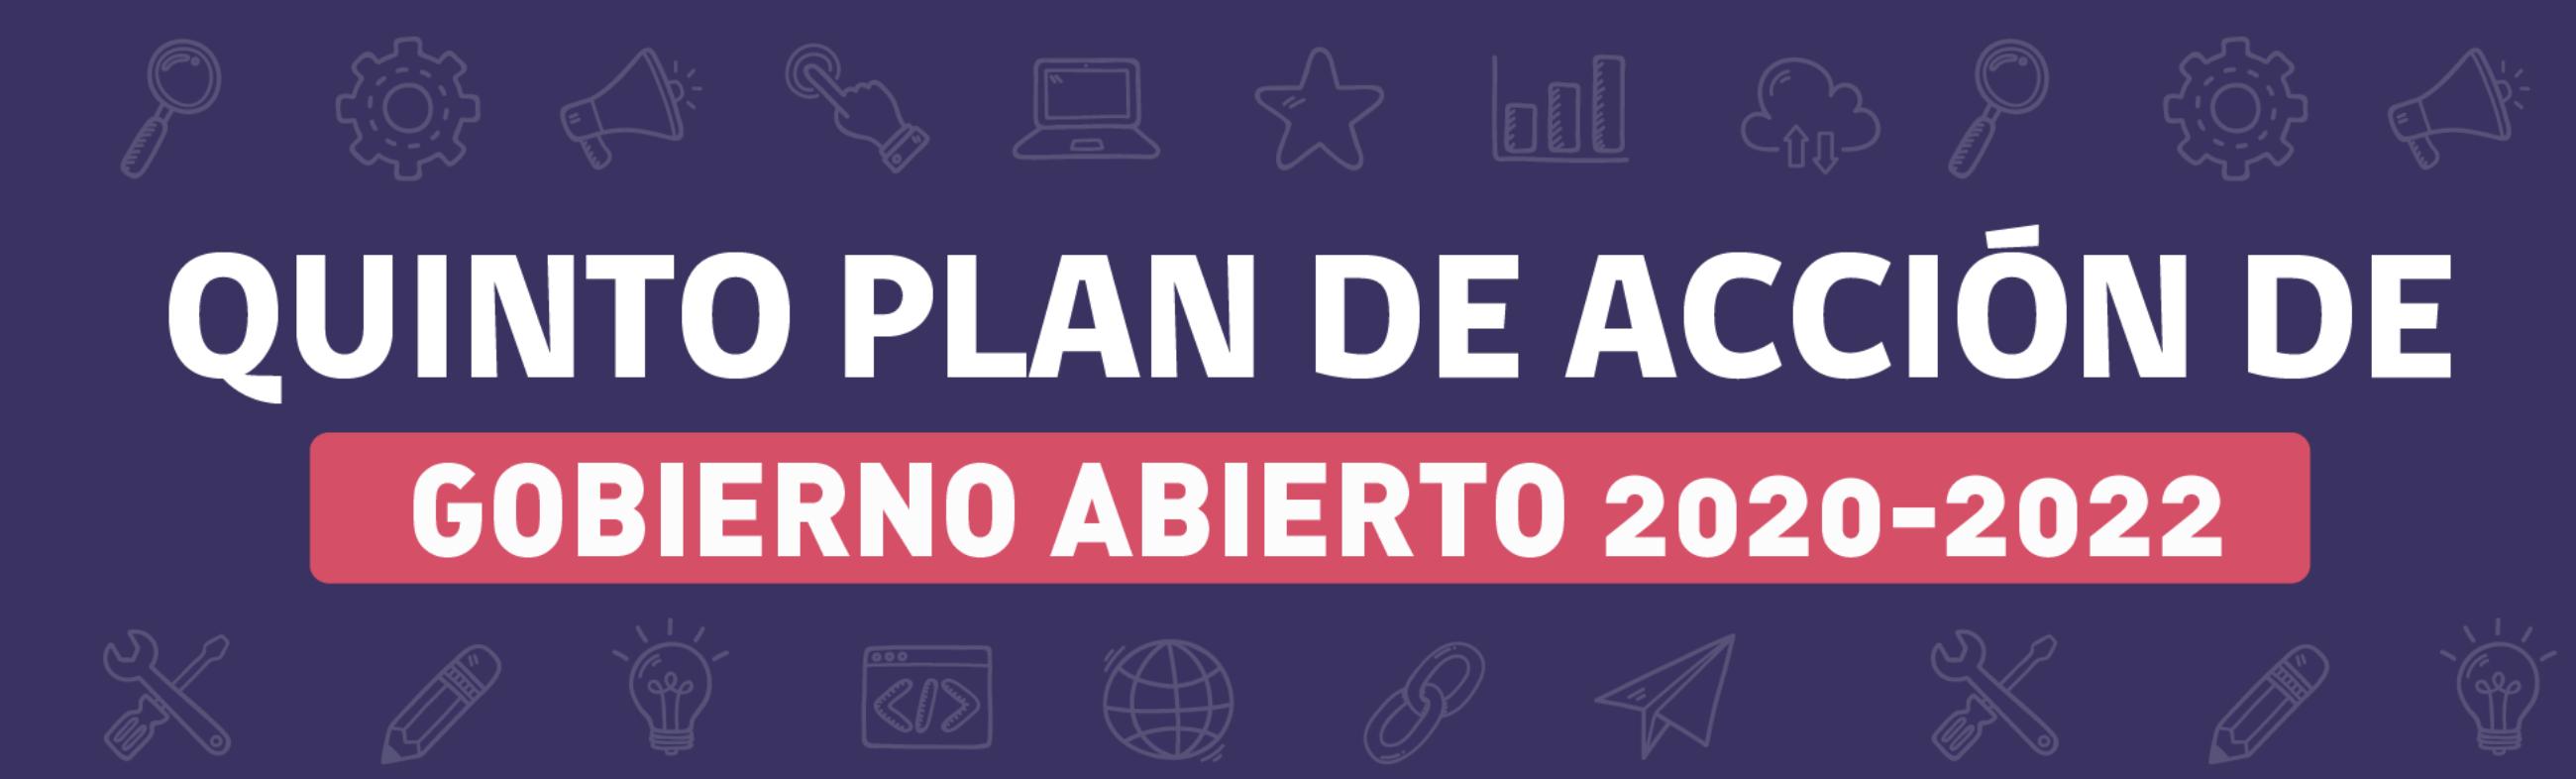 Quinto Plan de Acción Gobierno Abierto 2020 - 2022